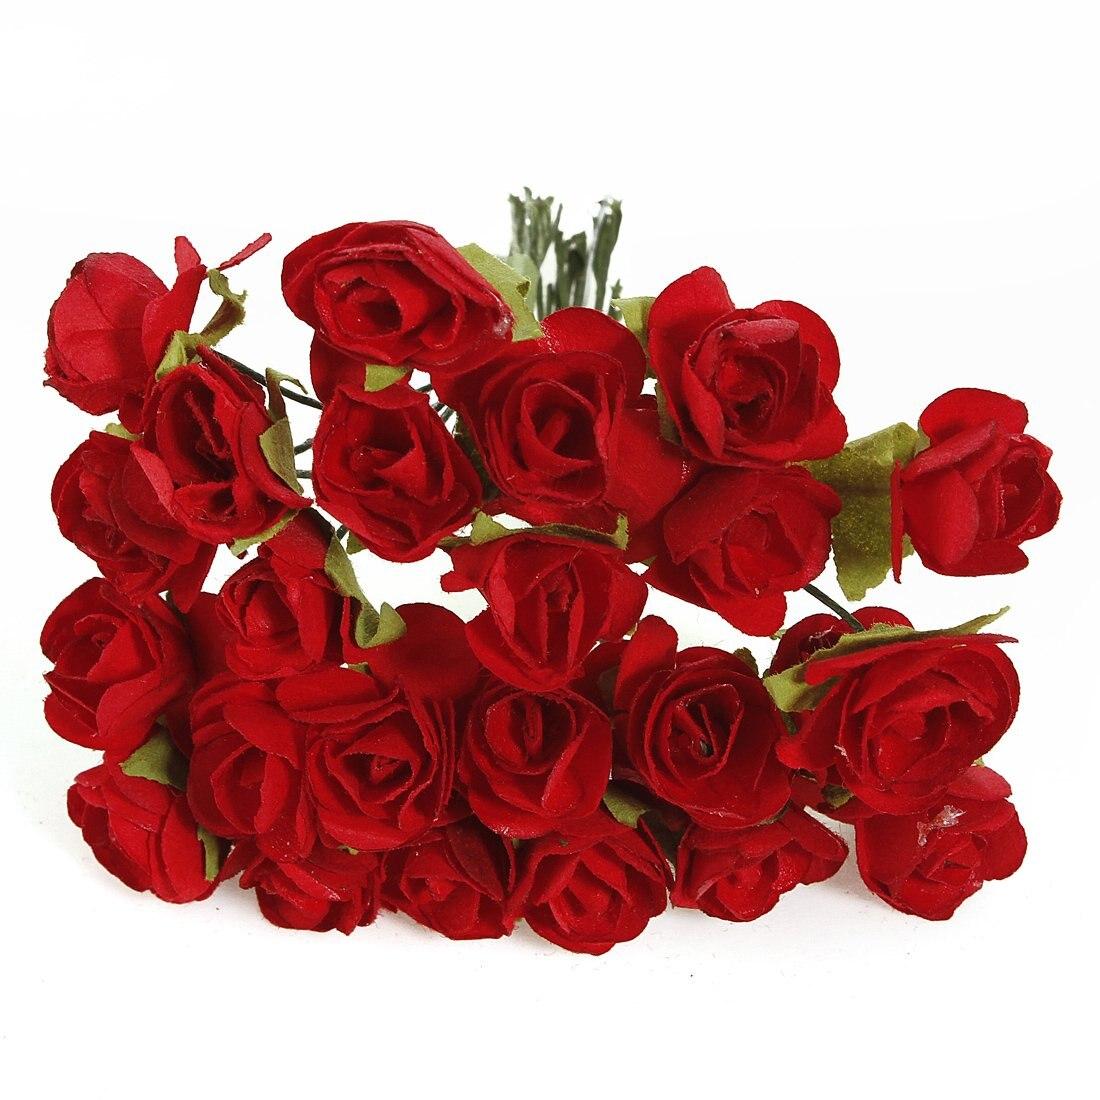 Fjs 144 Rouge Rose Artificielle Fleur Nl Papier Decoratie Maison